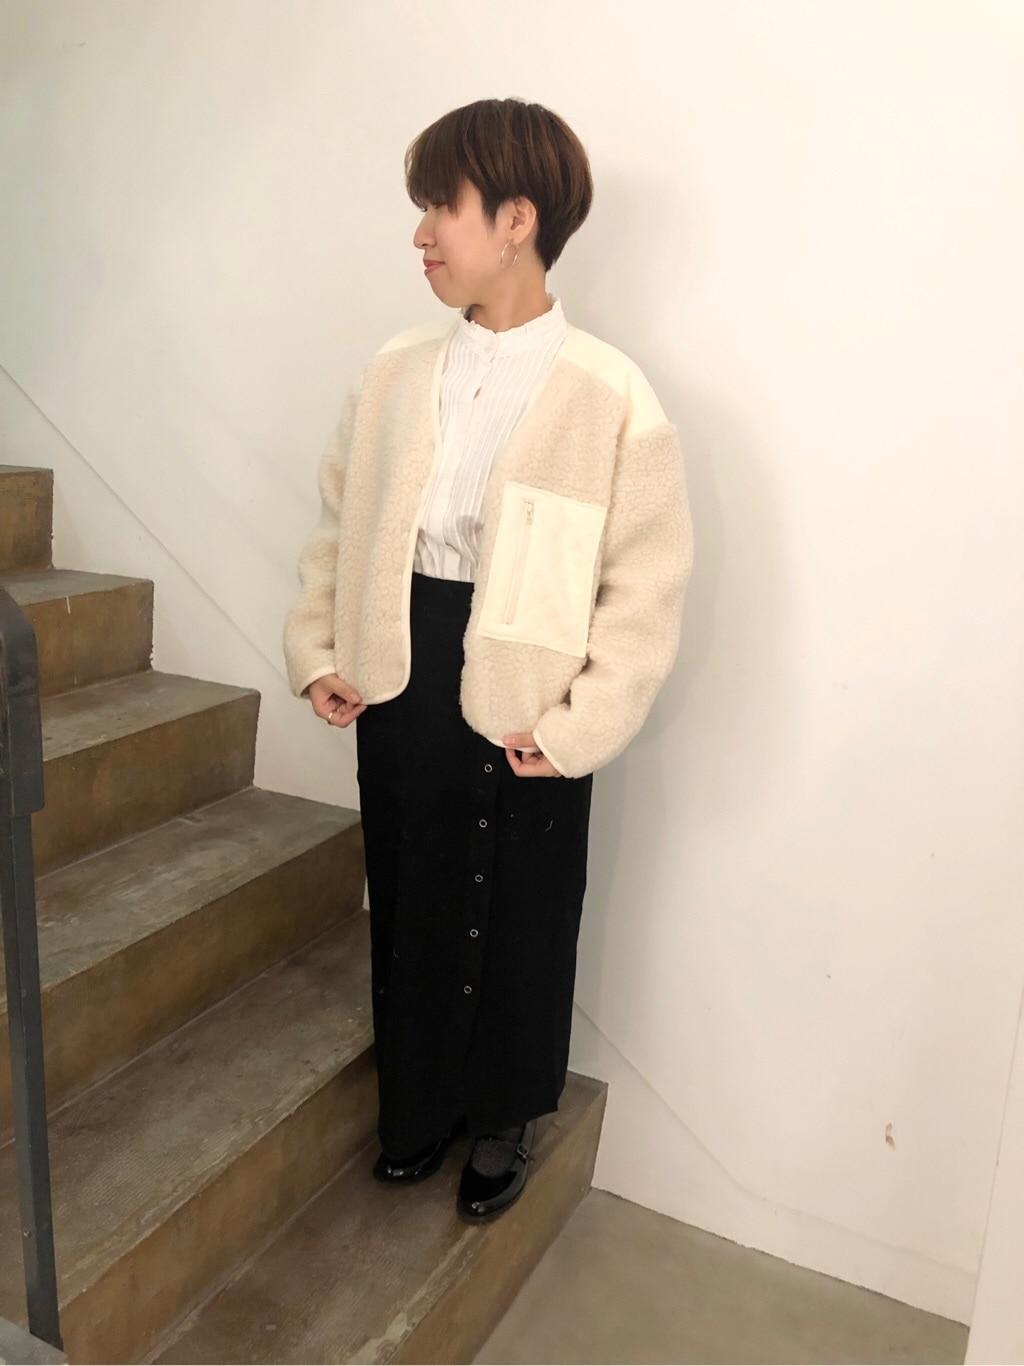 l'atelier du savon 京都路面 身長:148cm 2019.11.11